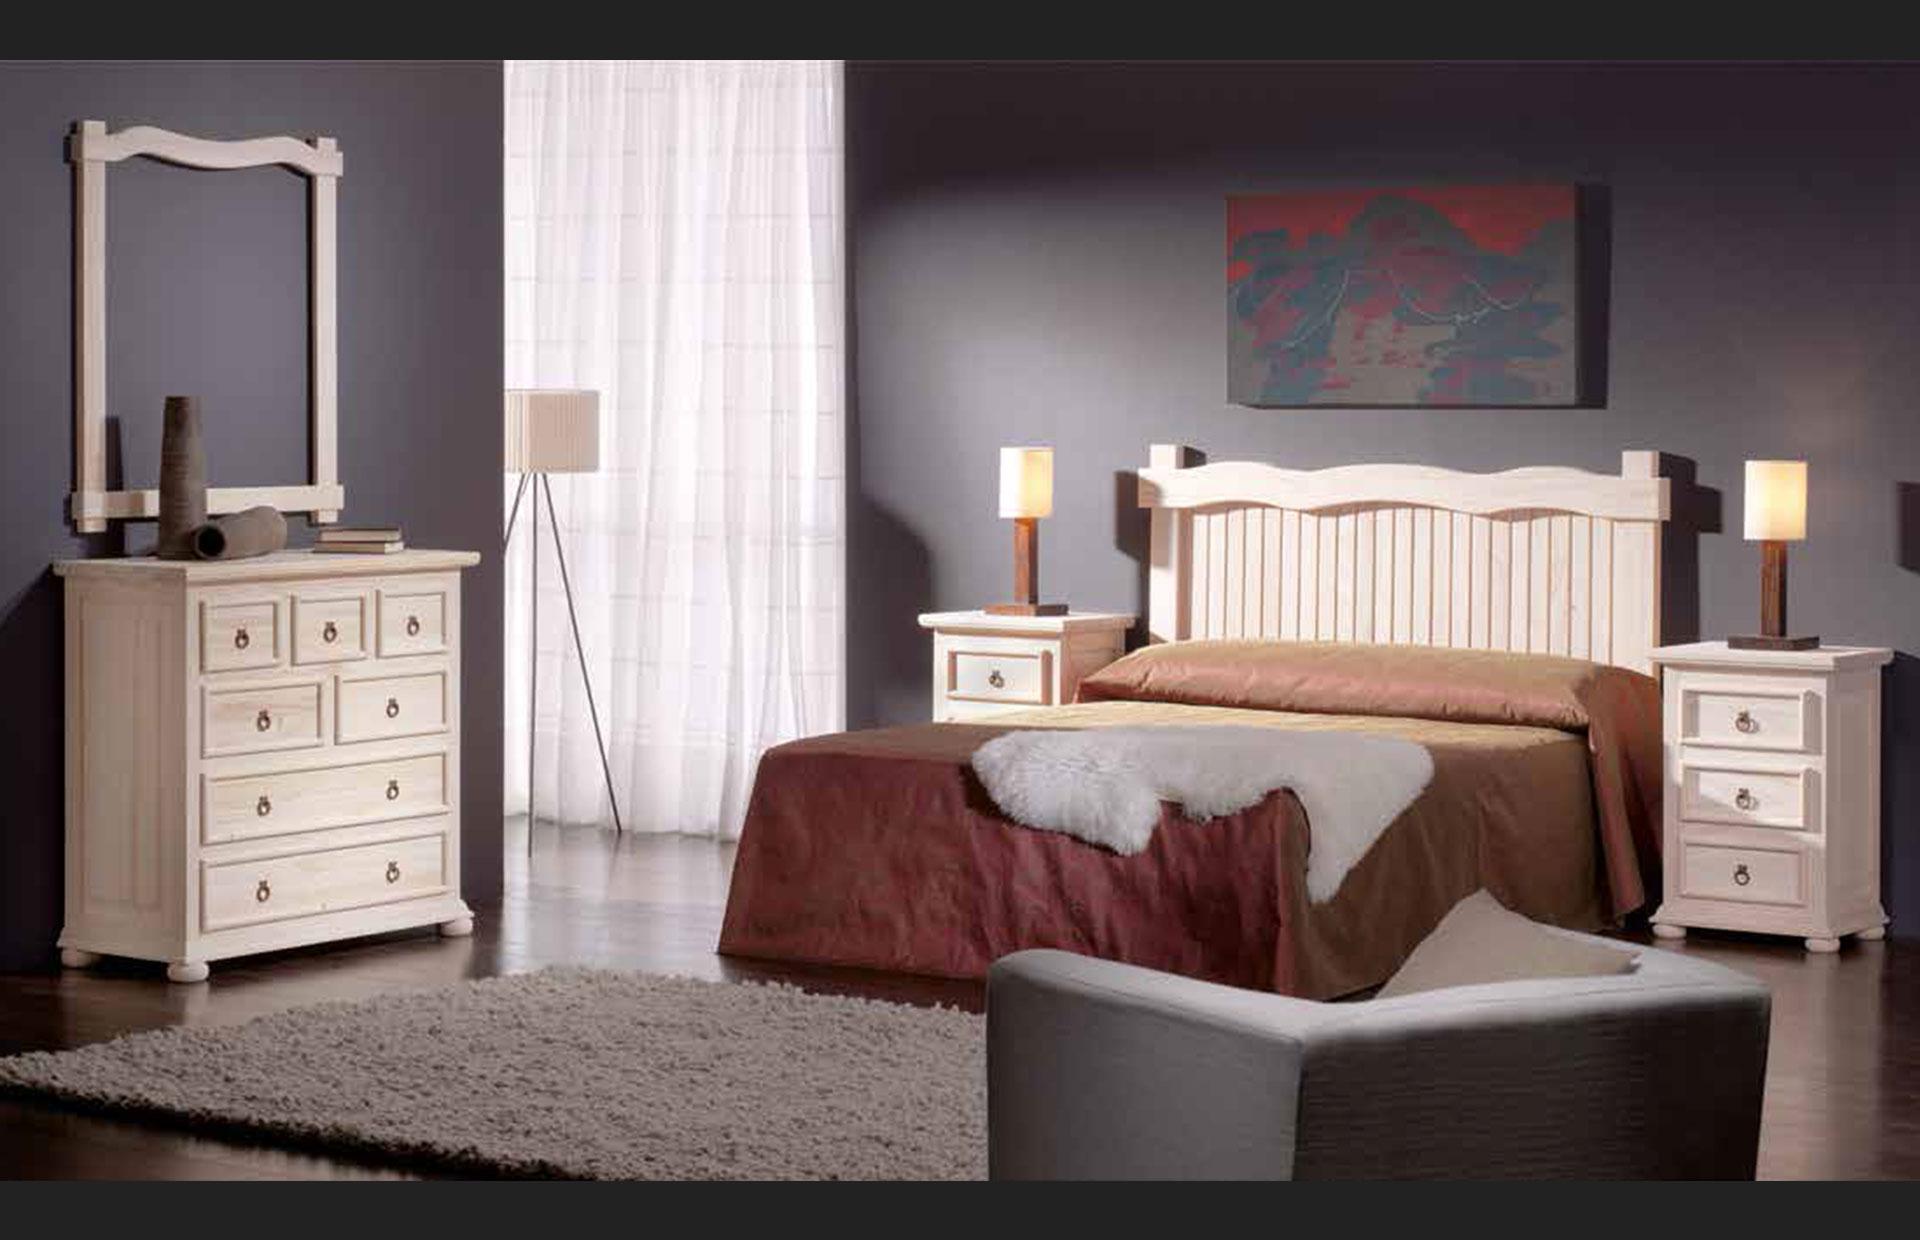 muebles clasico rústicos